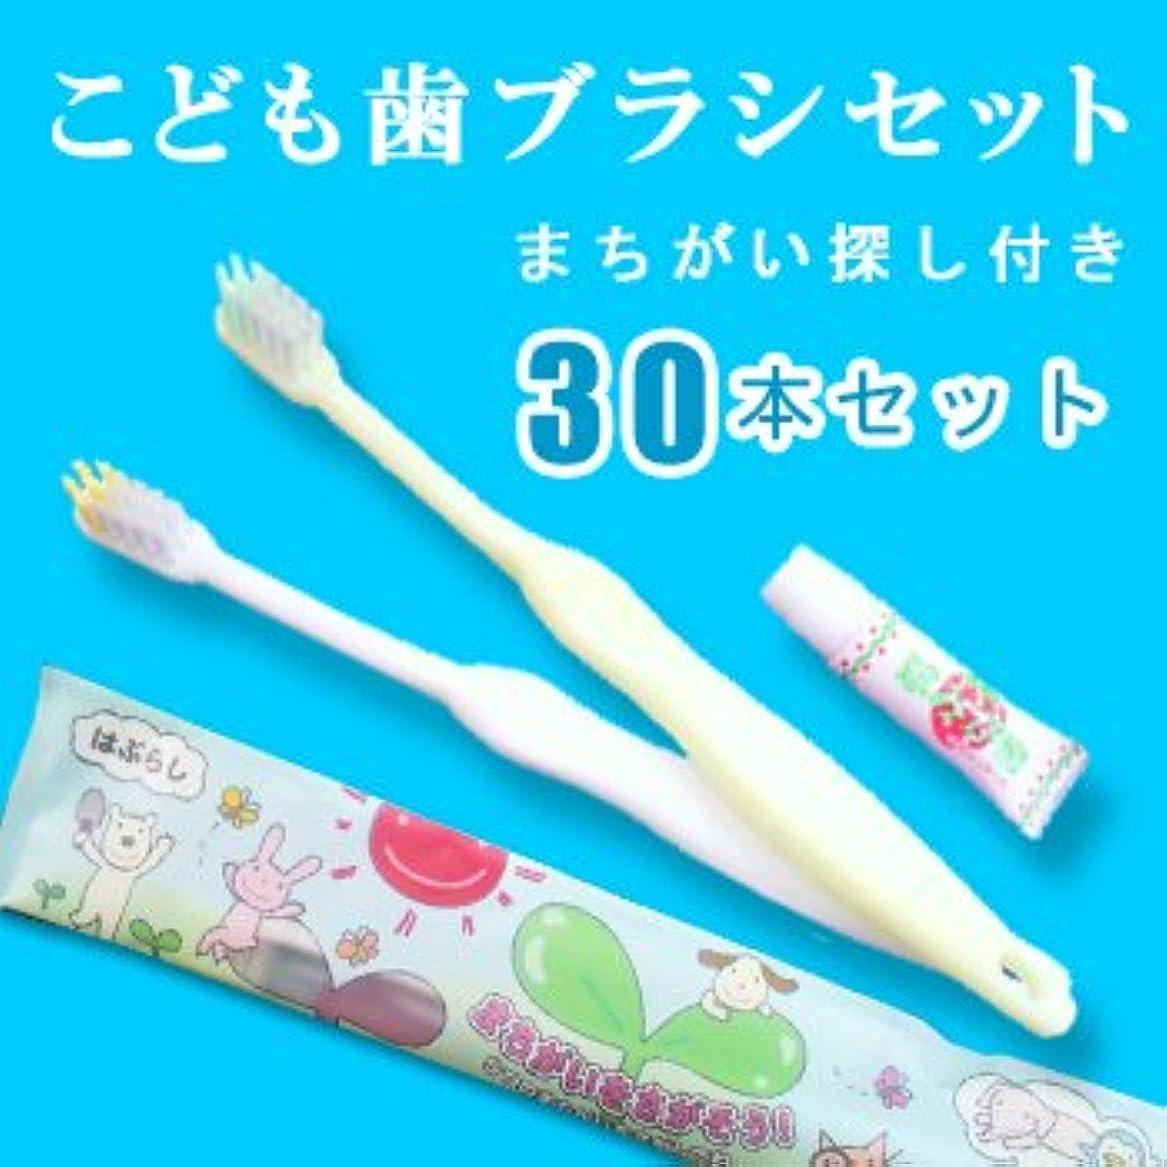 通訳モール遠いこども歯ブラシ いちご味の歯磨き粉3gチューブ付 ホワイト?イエロー各15本アソート(1セット30本)